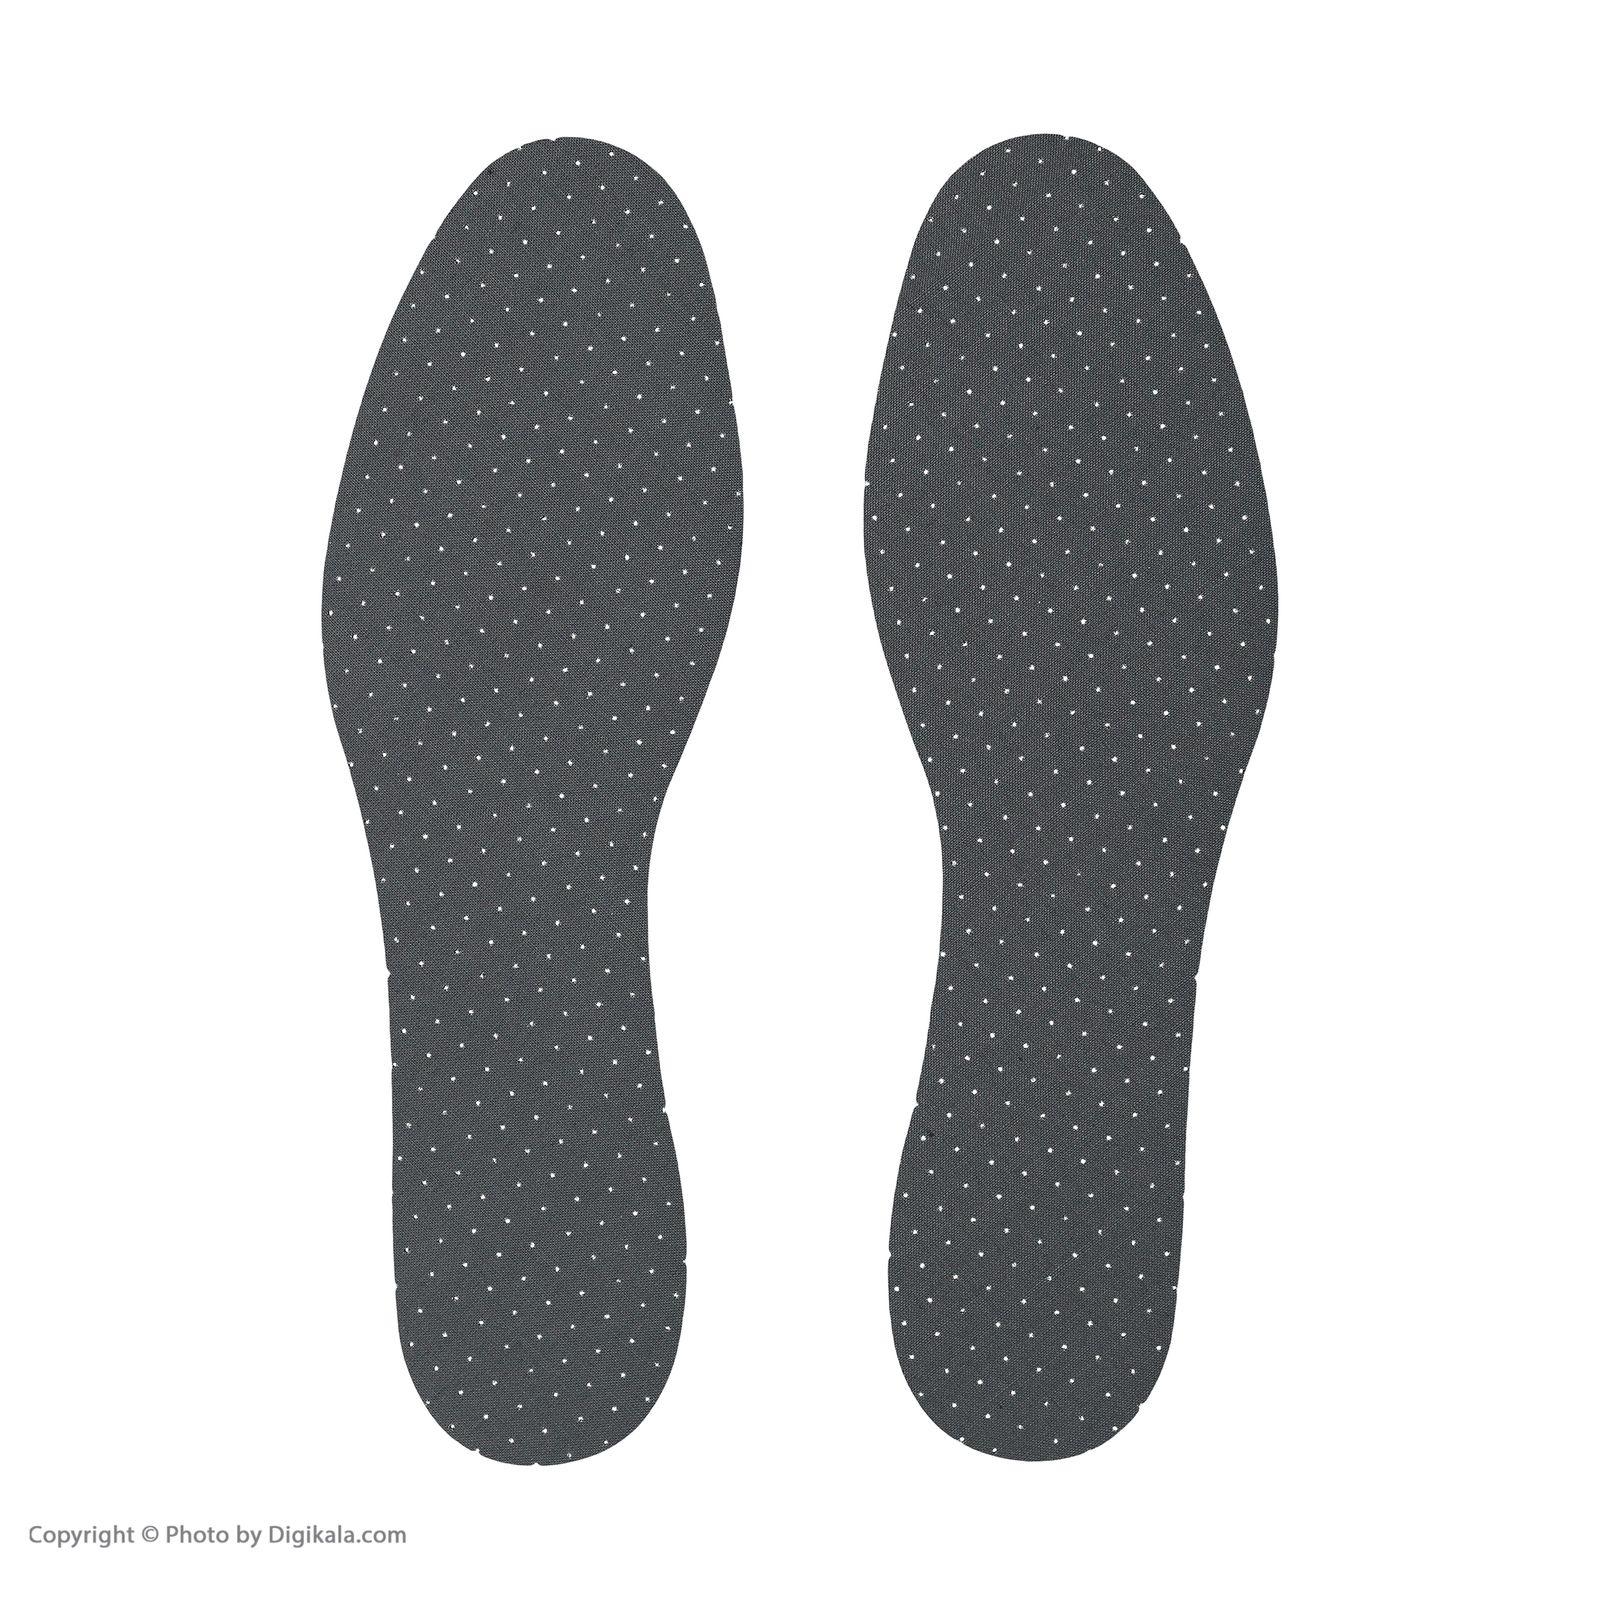 کفي کفش کوایمبرا مدل 1404037 سایز 37 -  - 4